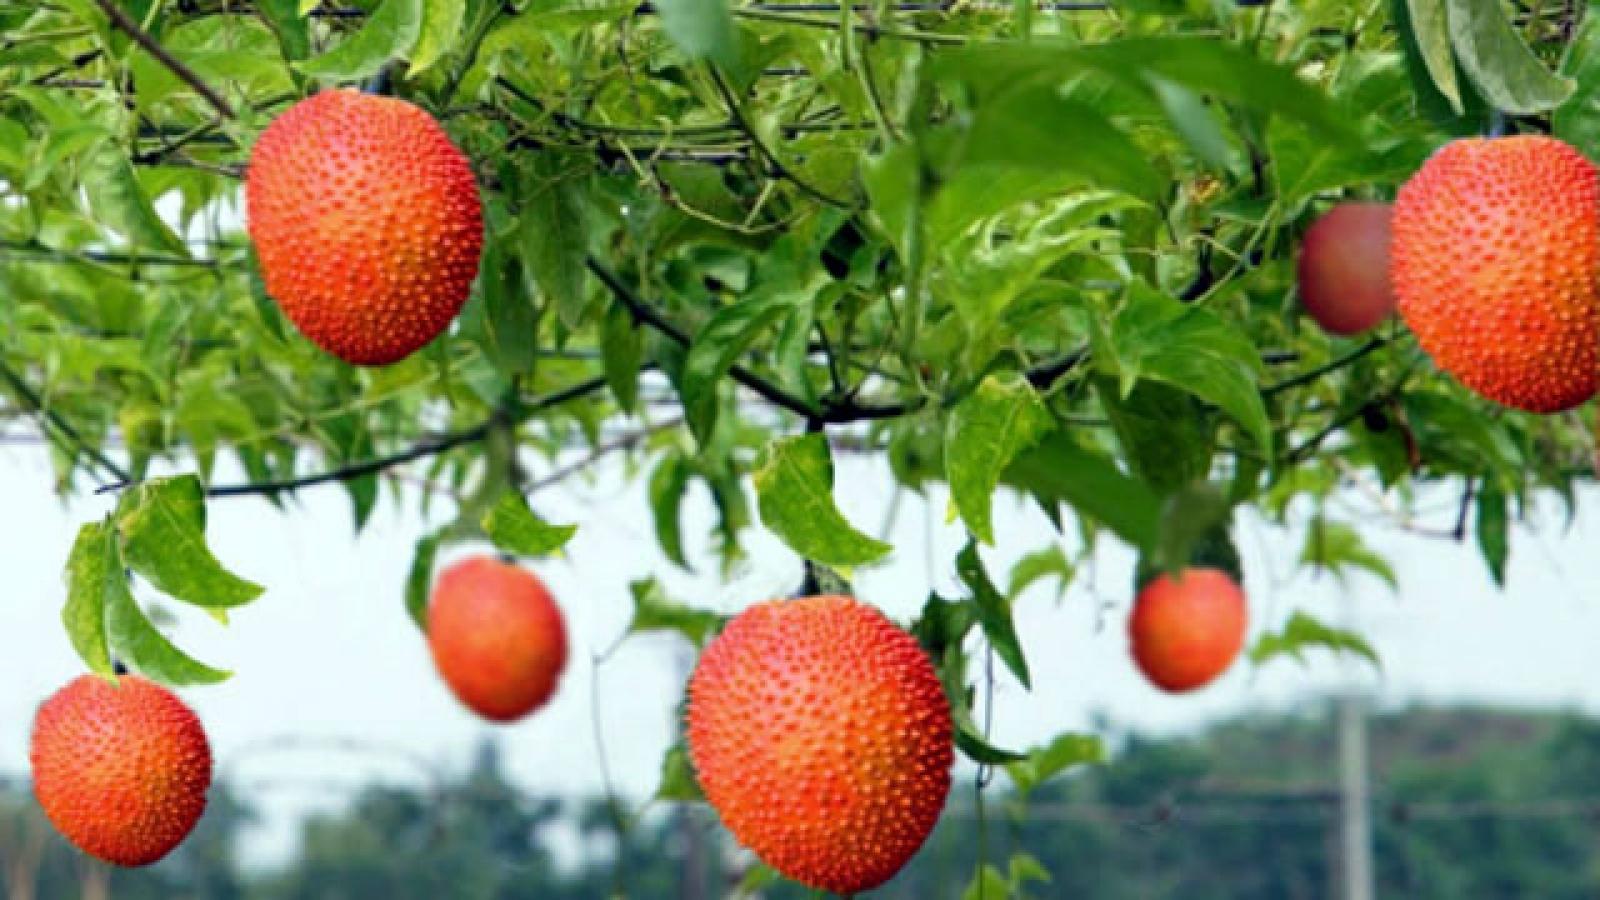 """Trái cây """"đến từ thiên đường"""", thương lái đến tận vườn thu mua"""